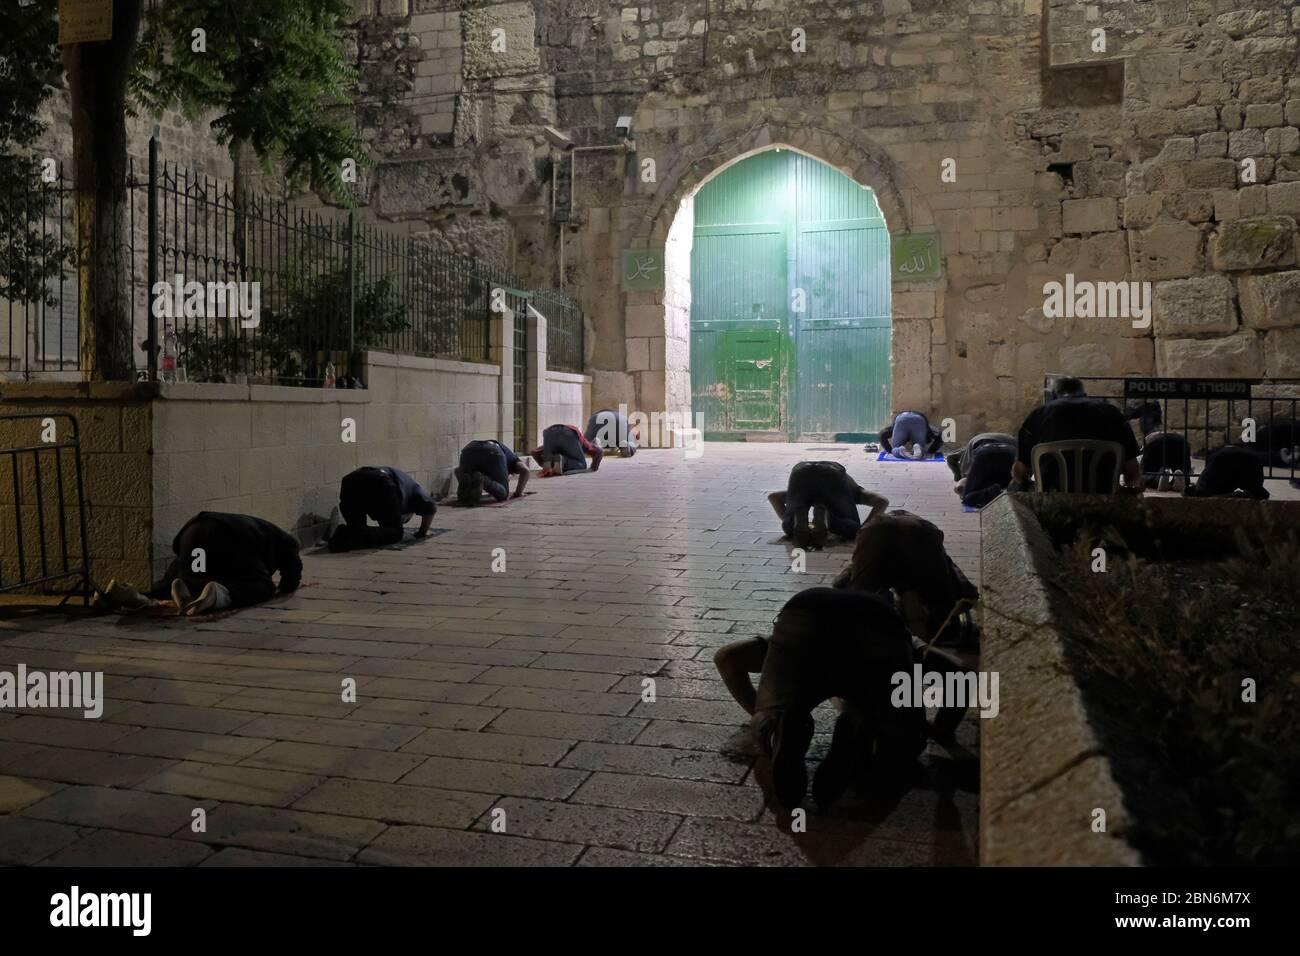 Jérusalem, ISRAËL, 12 mai 2020 : des fidèles musulmans palestiniens accomplissent la prière de Taraweeh pendant le mois sacré musulman du Ramadan, à l'extérieur de la mosquée fermée d'al-Aqsa dans la vieille ville de Jérusalem, dans le cadre de la pandémie COVID-19, le 12 mai 2020. La mosquée Al-Aqsa, située sur la place du Mont du Temple à Jérusalem, a été fermée il y a 51 jours par le Waqf, l'organisme religieux qui gère les lieux saints musulmans de la ville sainte, une mesure exceptionnelle visant à enrayer la pandémie du coronavirus. Crédit : Eddie Gerald / Alay Live News Banque D'Images